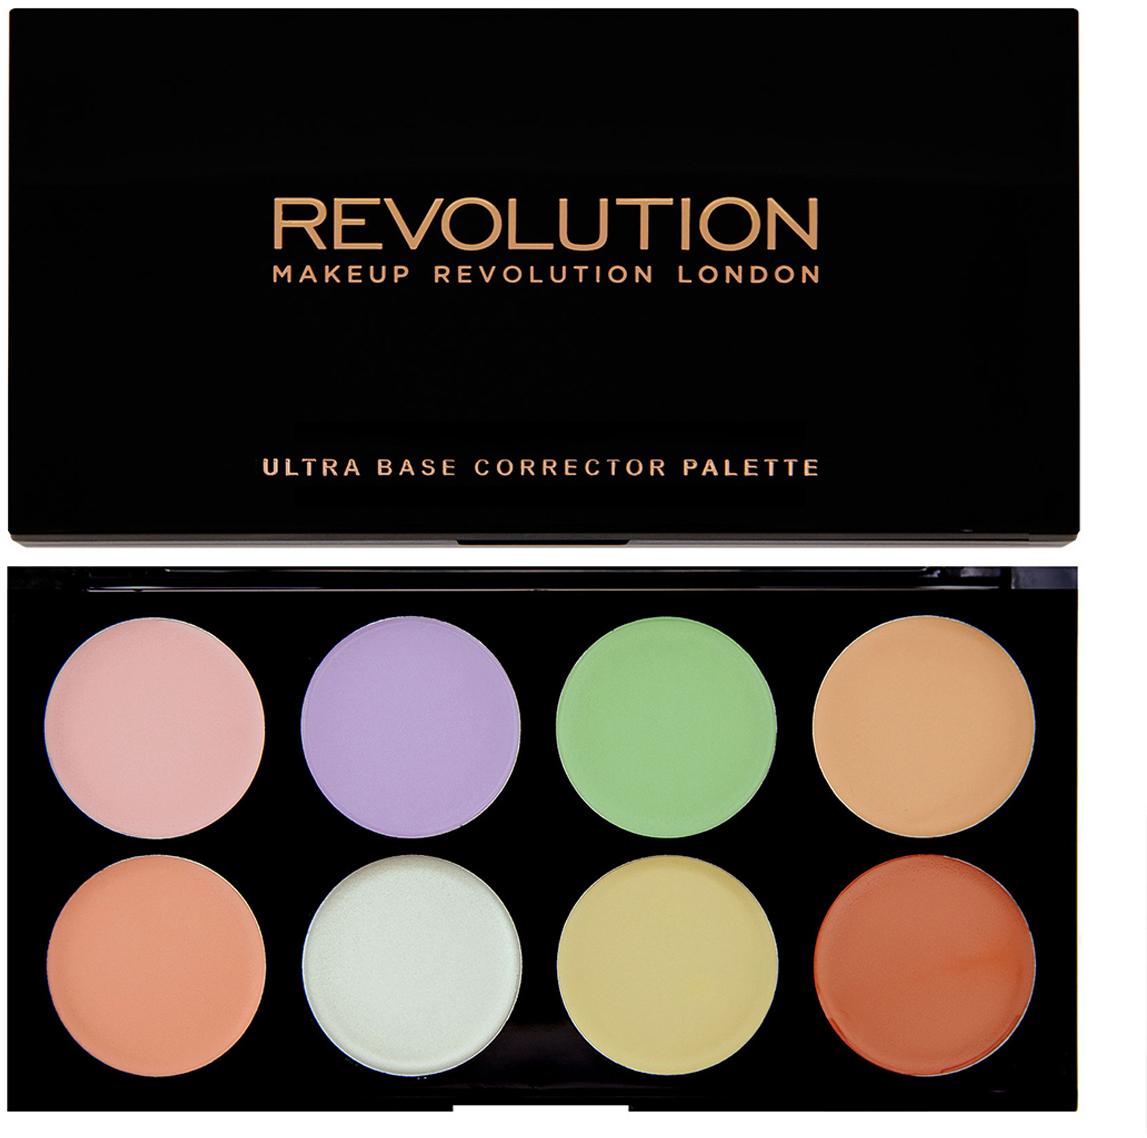 Makeup Revolution Набор цветных корректоров Ultra Base Corrector, 13 гр